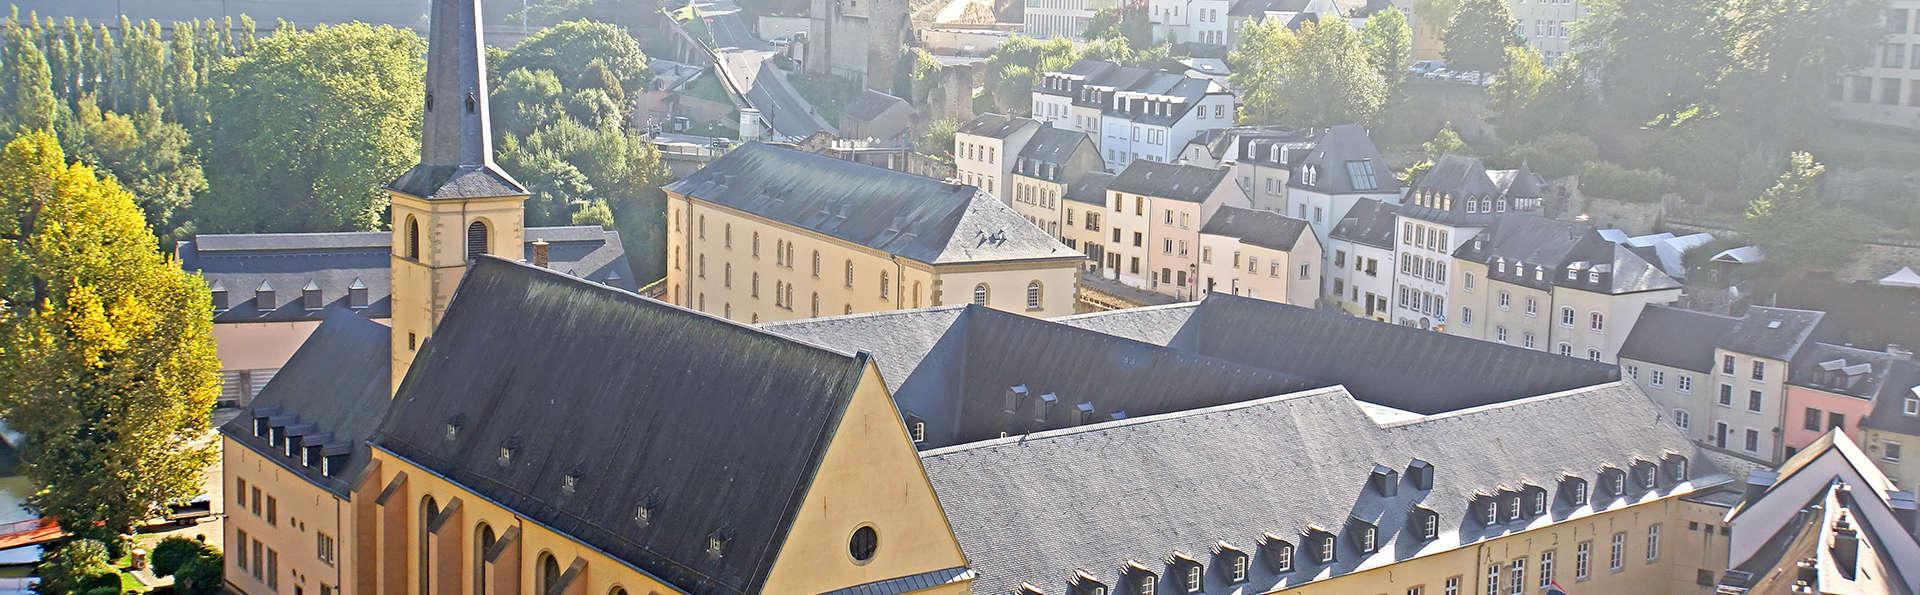 Ontwaak je de zintuigen in het hart van de Luxemburg